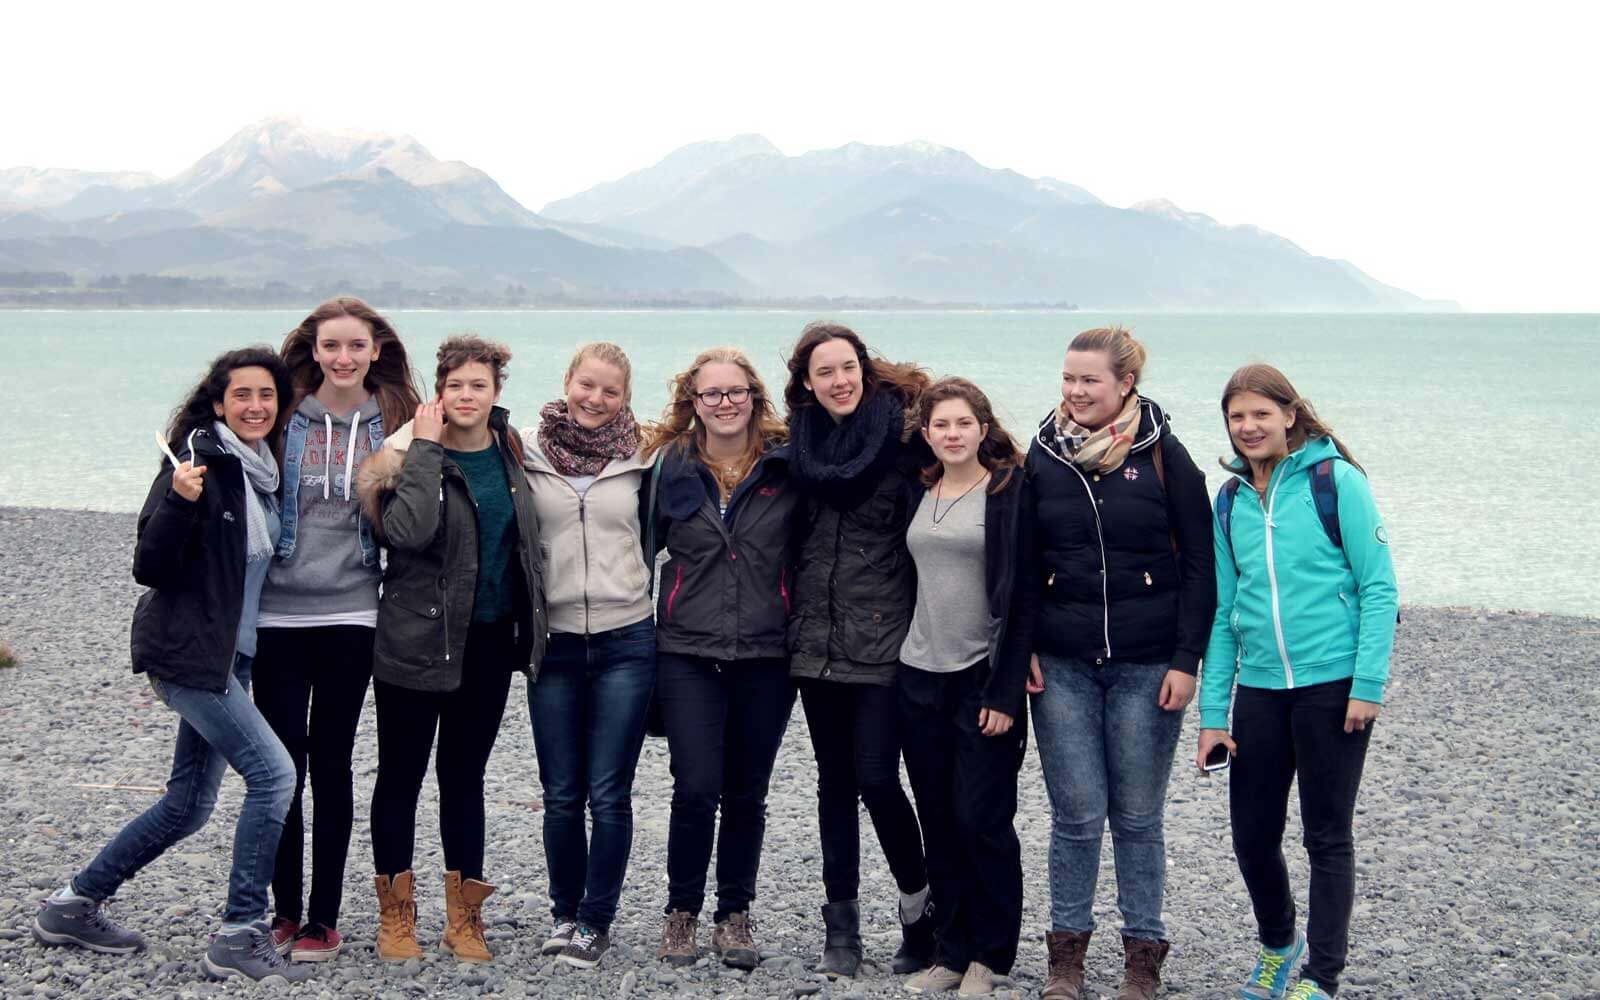 Farina und ihre Freundinnen: Ein Ausflug nach Kaikoura